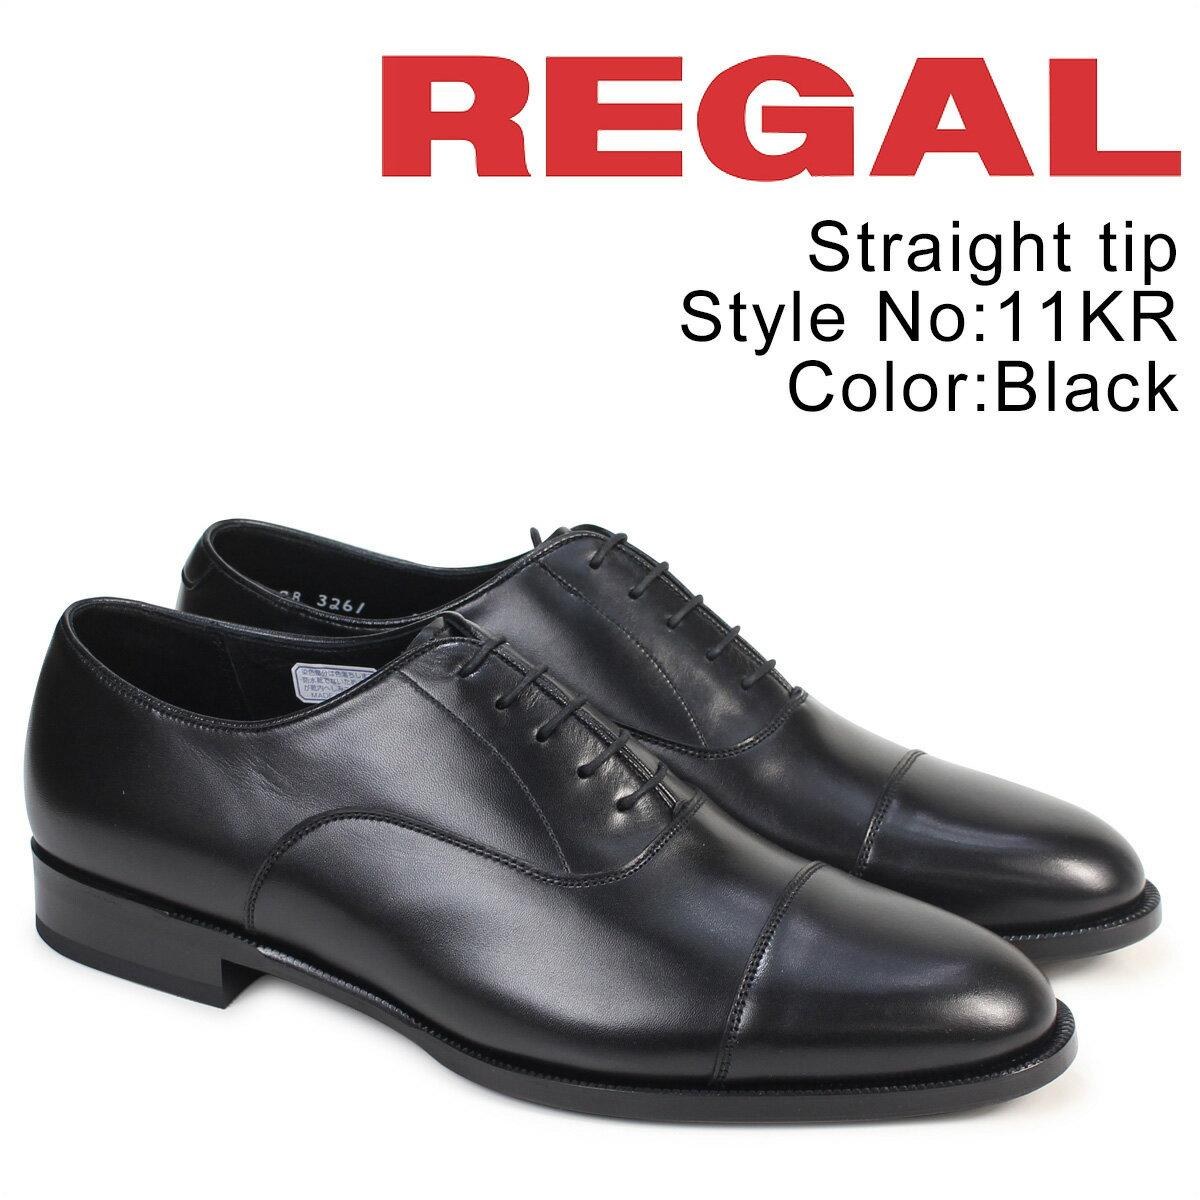 REGAL 靴 メンズ リーガル ストレートチップ 11KRBD ビジネスシューズ 日本製 ブラック [9/7 追加入荷] [179]